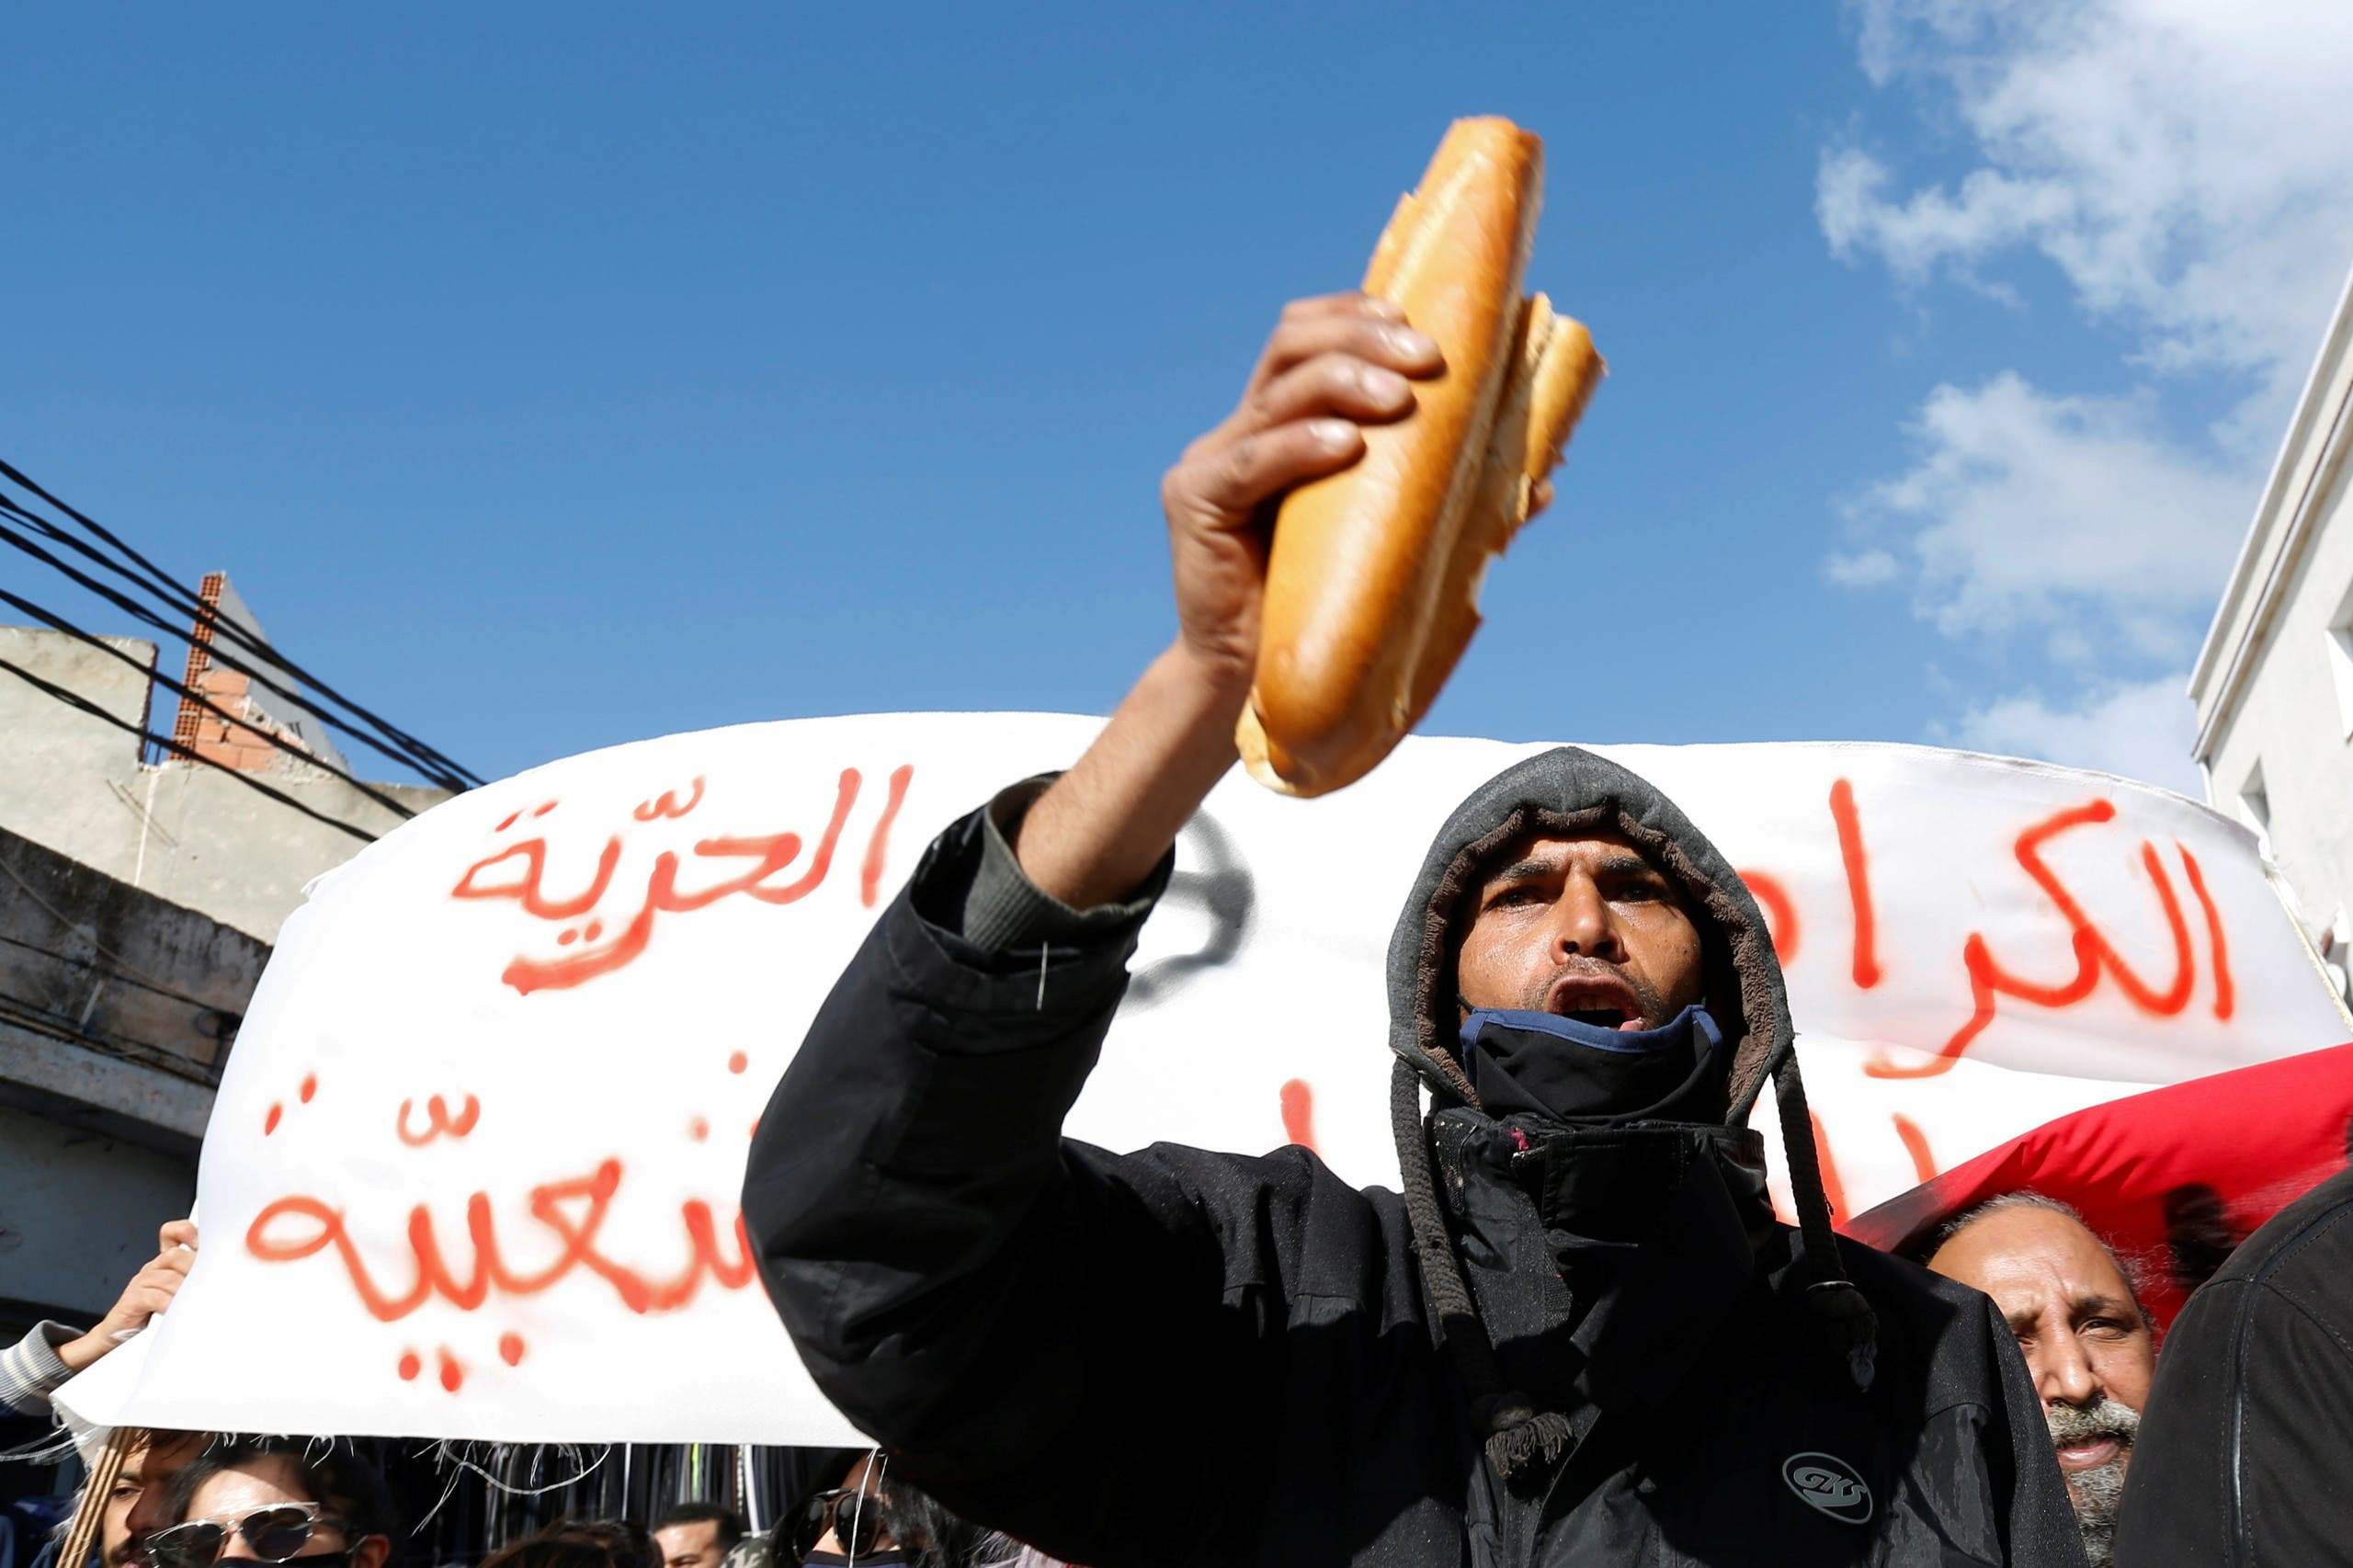 من احتجاجات تونس يوم 26 يناير